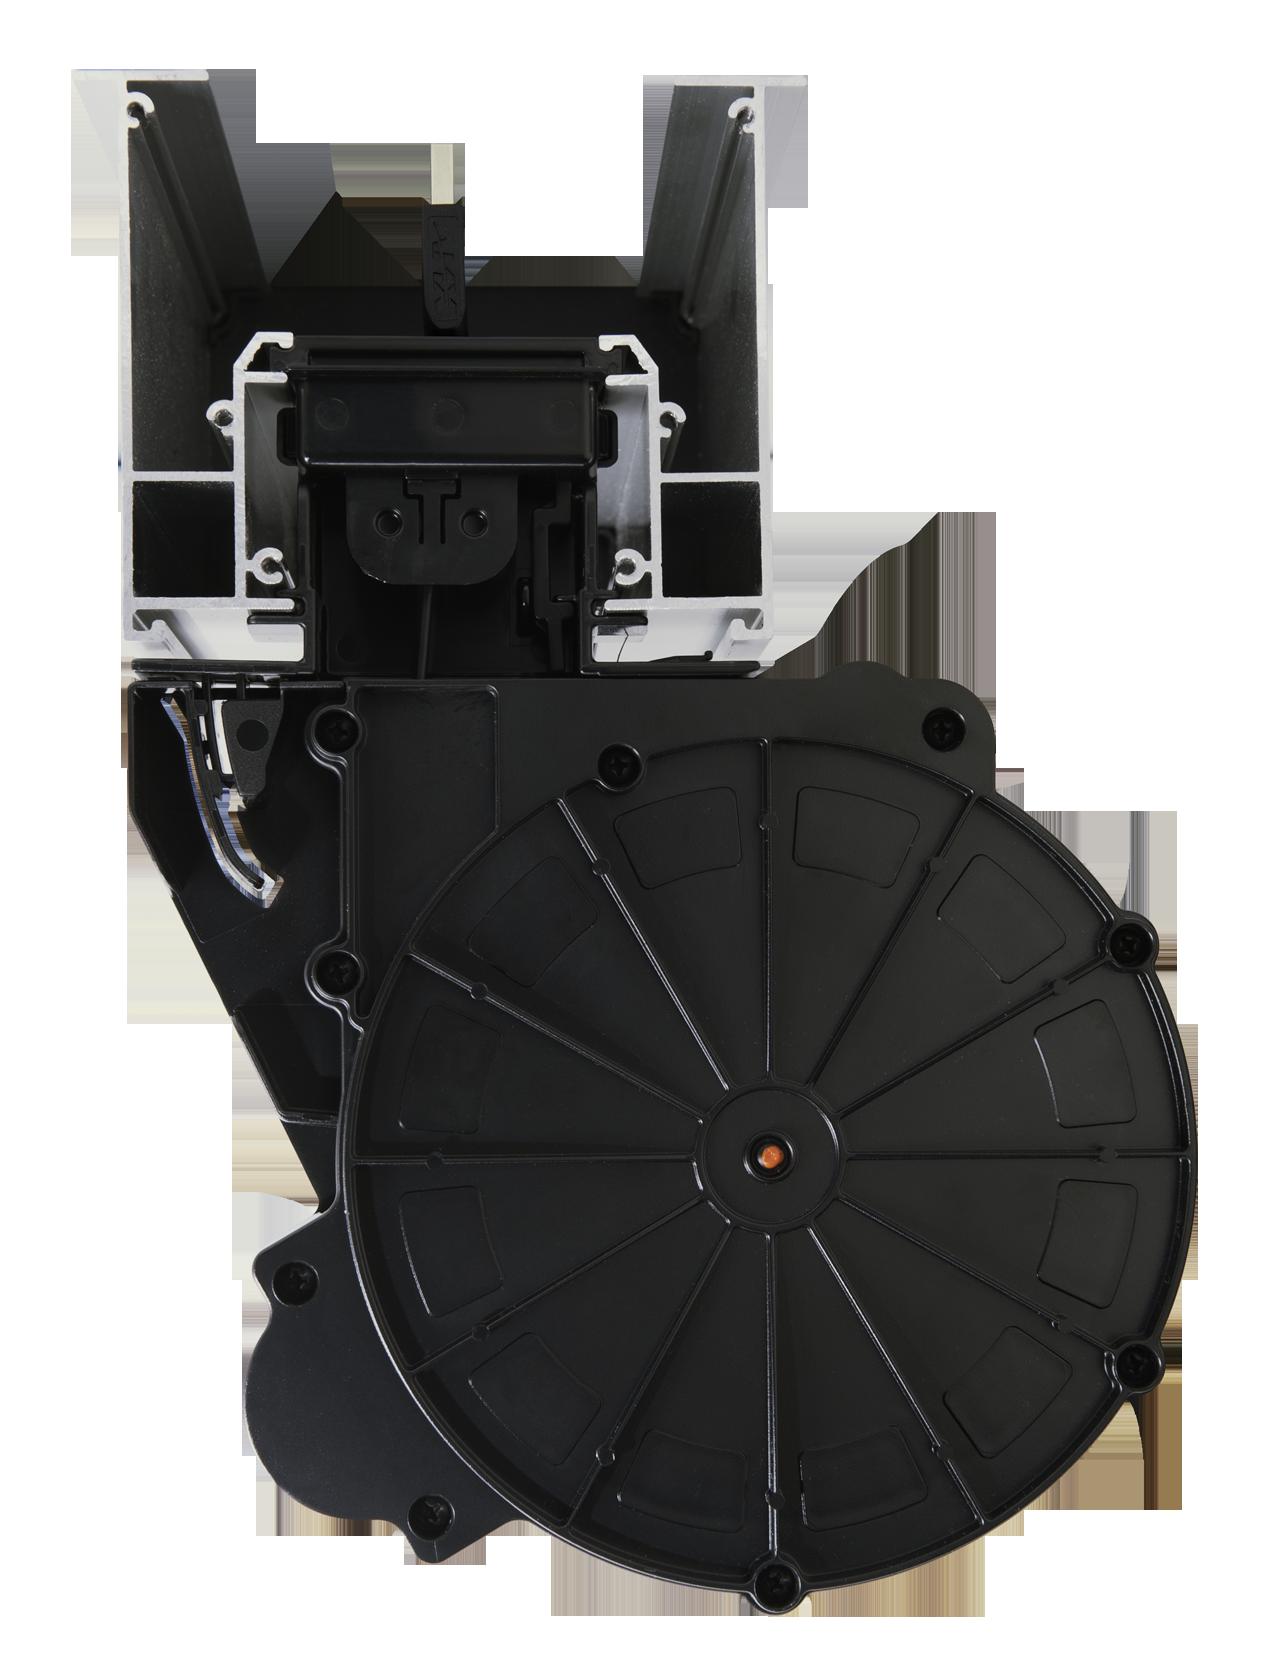 HPX-AV102-USB-R In-Chassis